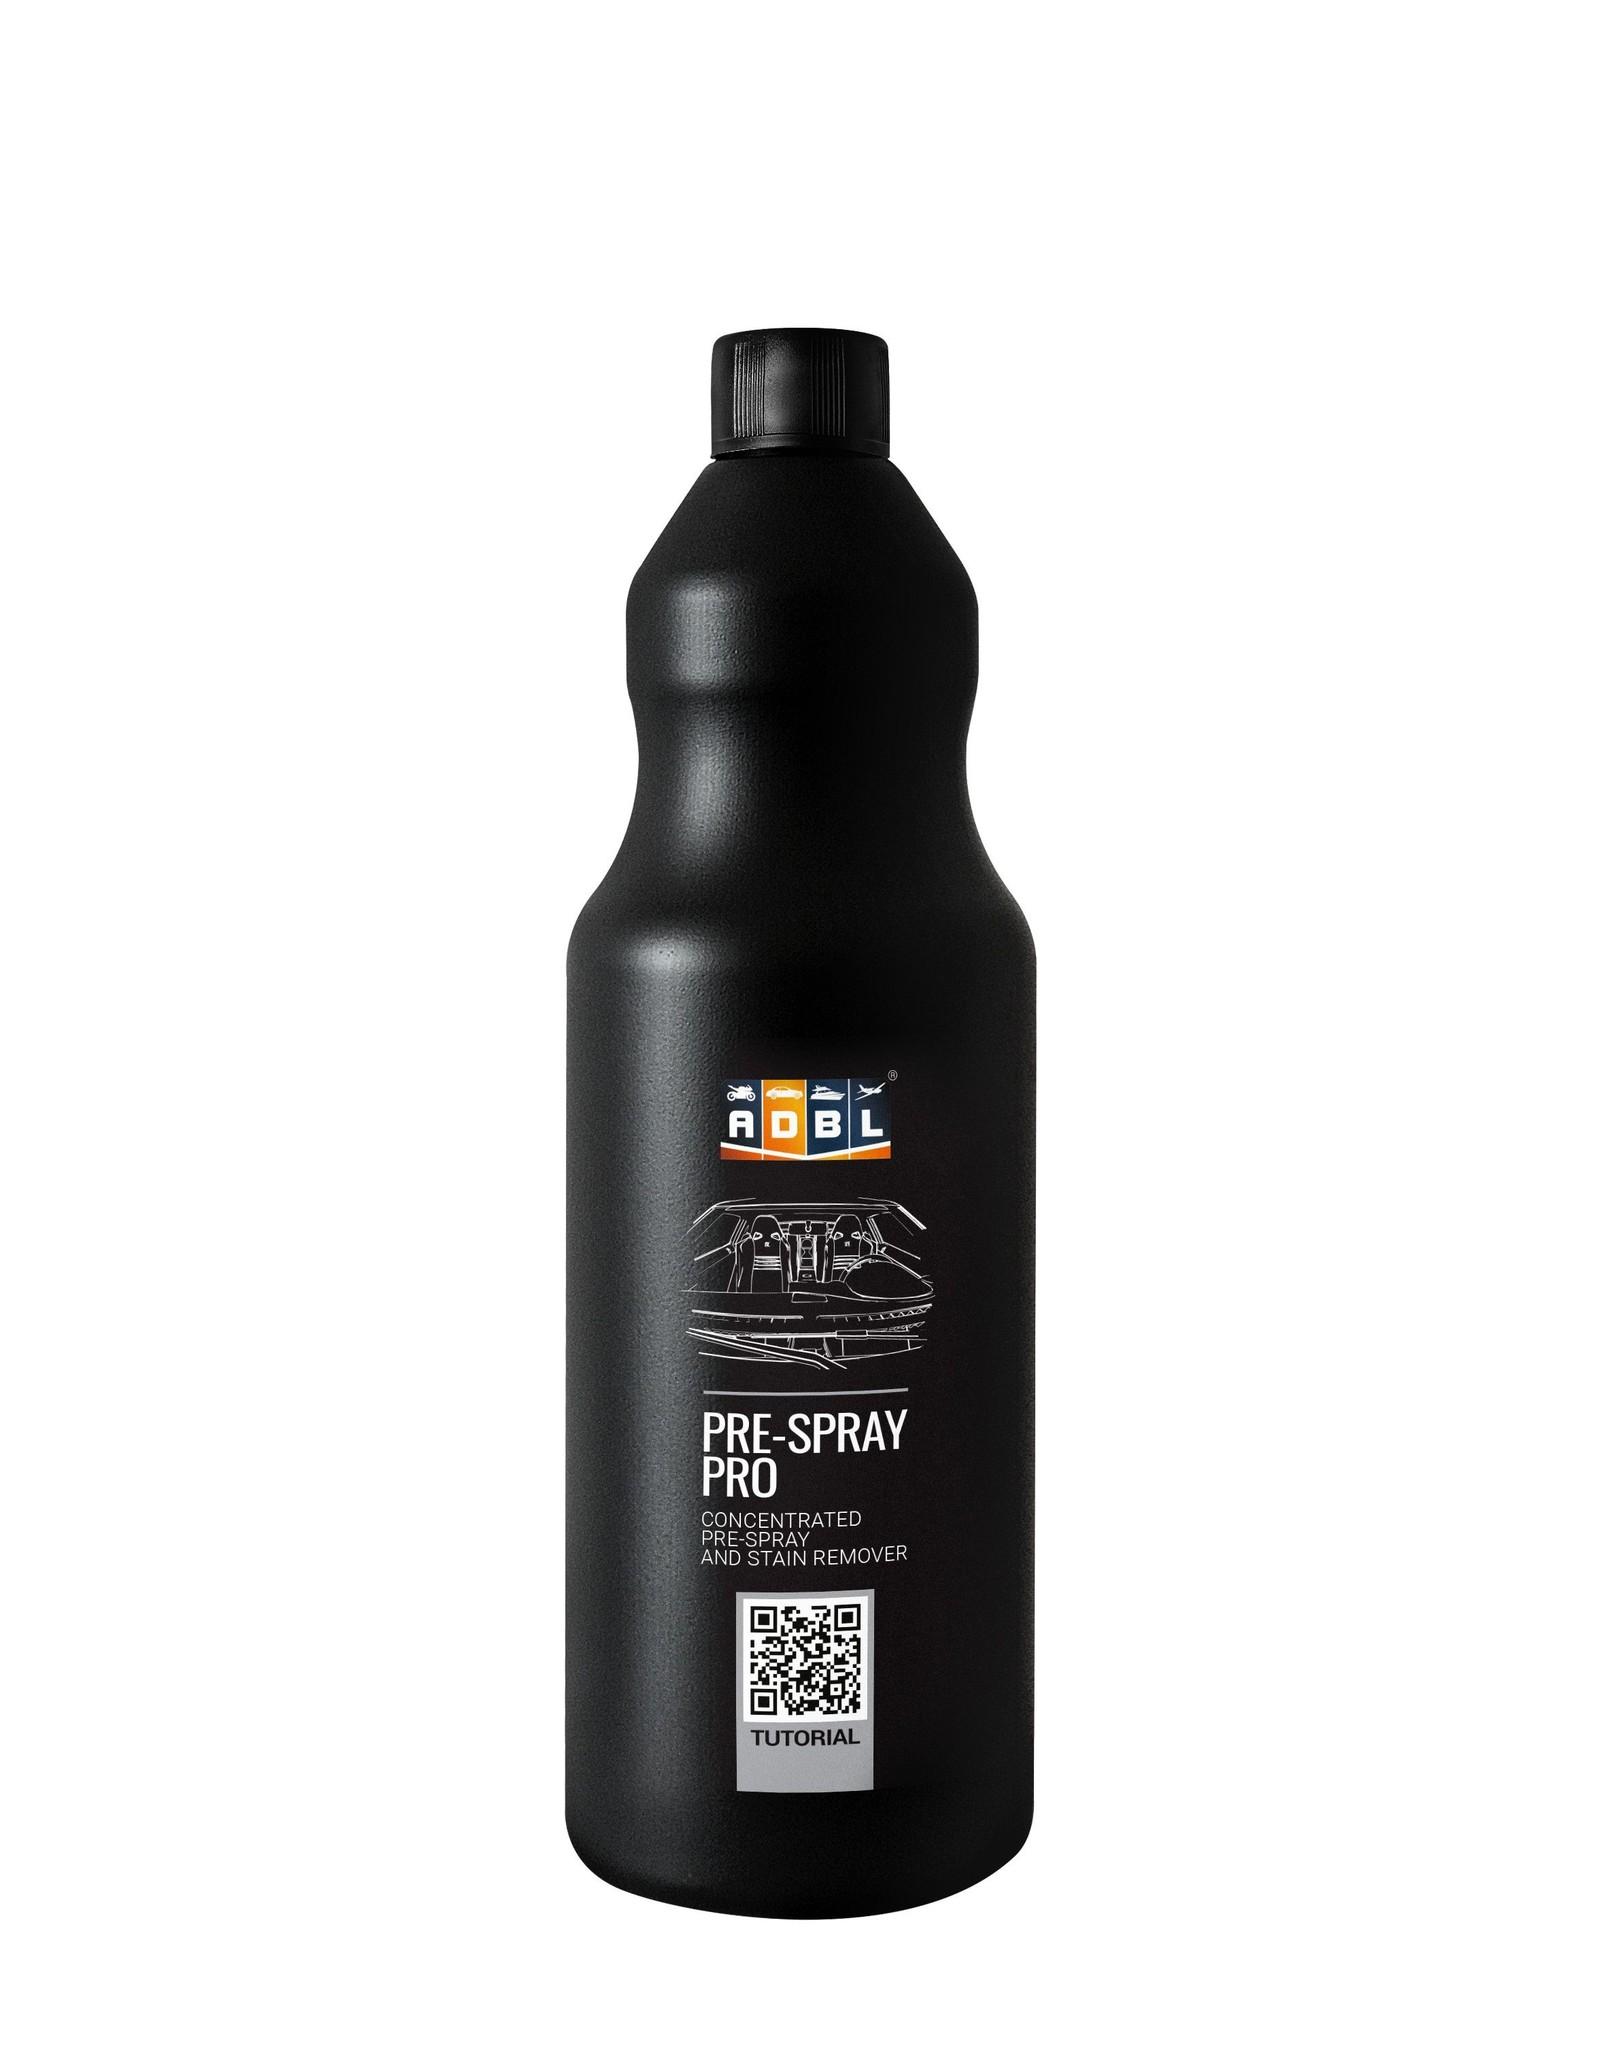 ADBL Pre Spray Pro Polsterreiniger 500ml